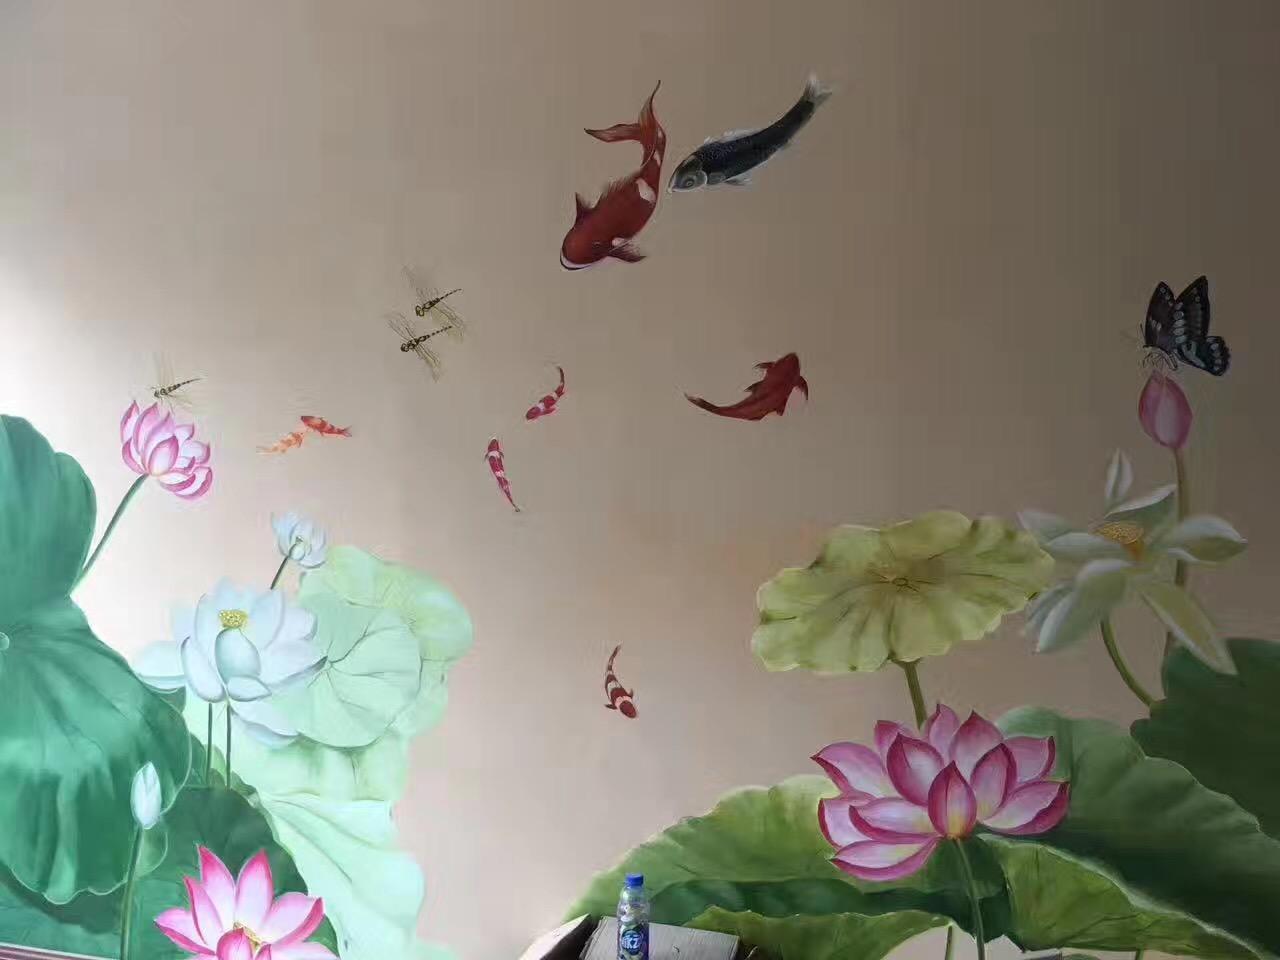 静安区家装彩绘服务 服务为先「上海持凡文化传播供应」